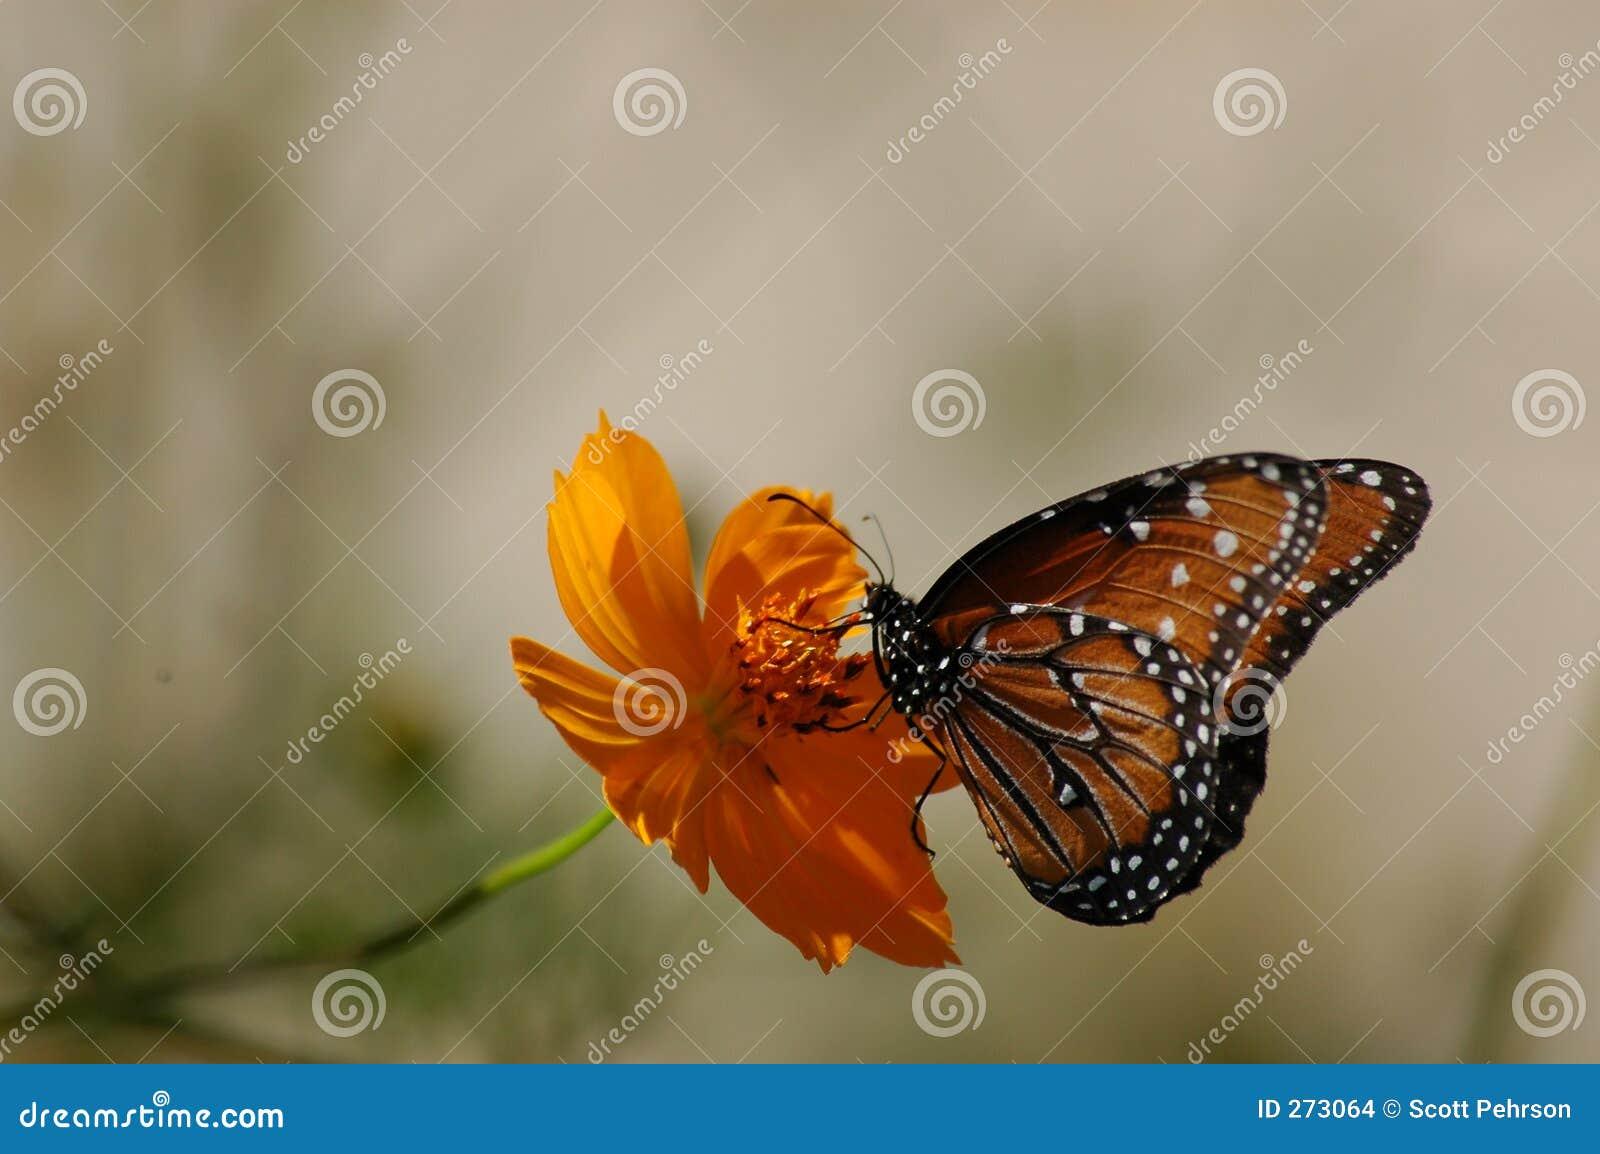 Mariposa contrapesada en la flor